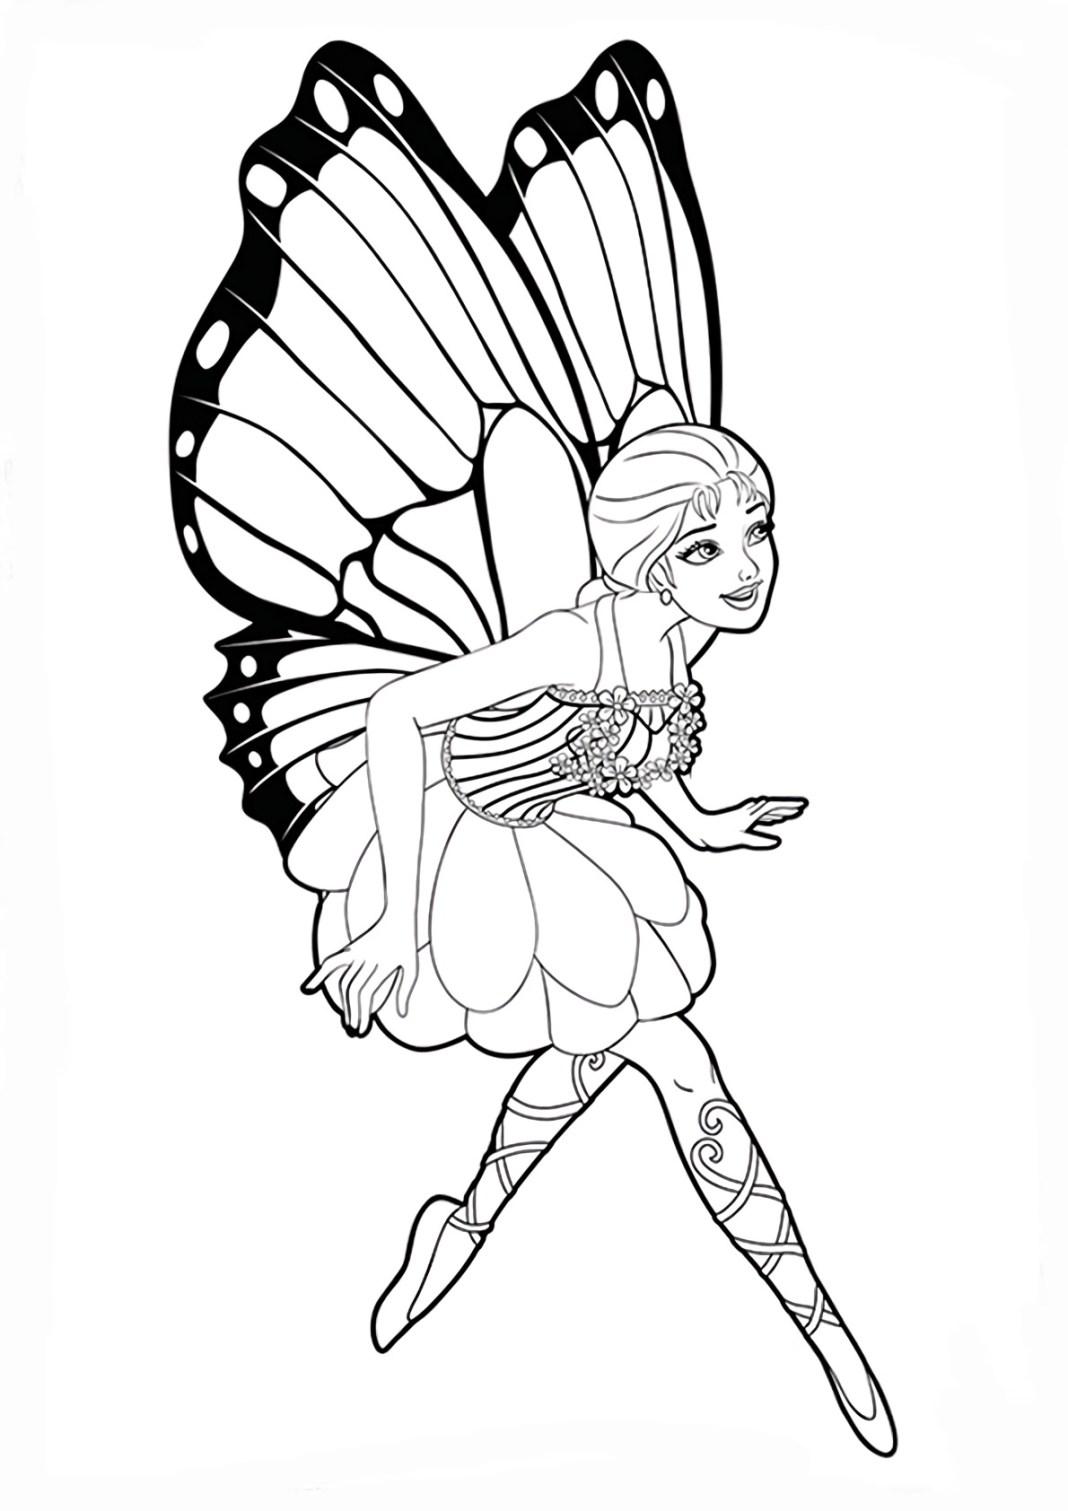 Lindo desenho da Barbie Fada para colorir, pintar e imprimir - Asas de Borboleta e vestido fofo 08